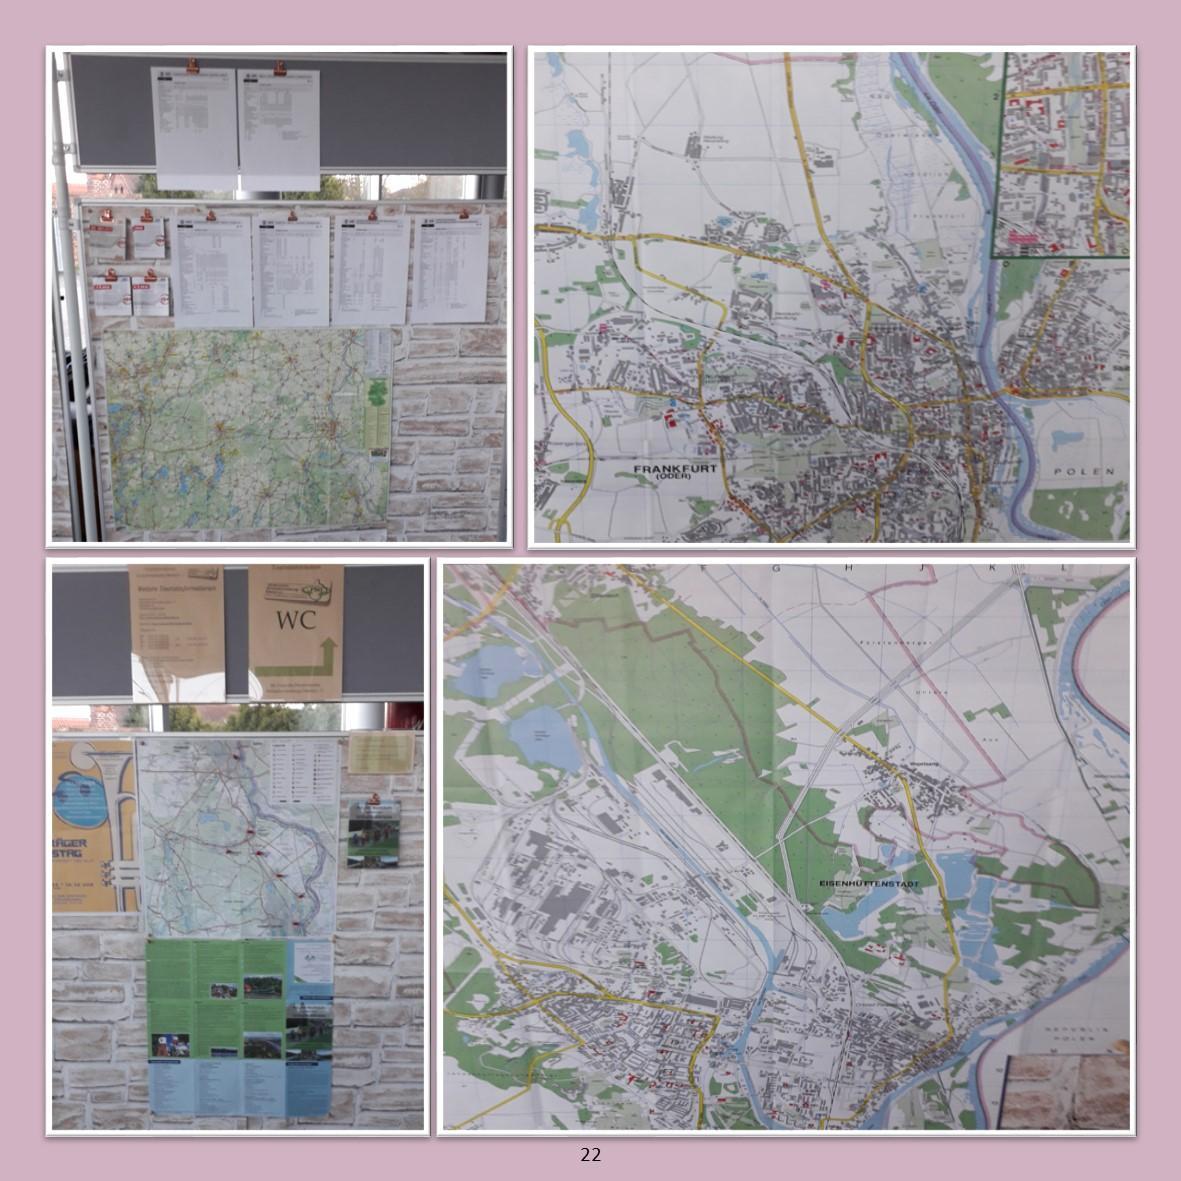 00_Broschüre_Bilder_Touristinformation 22